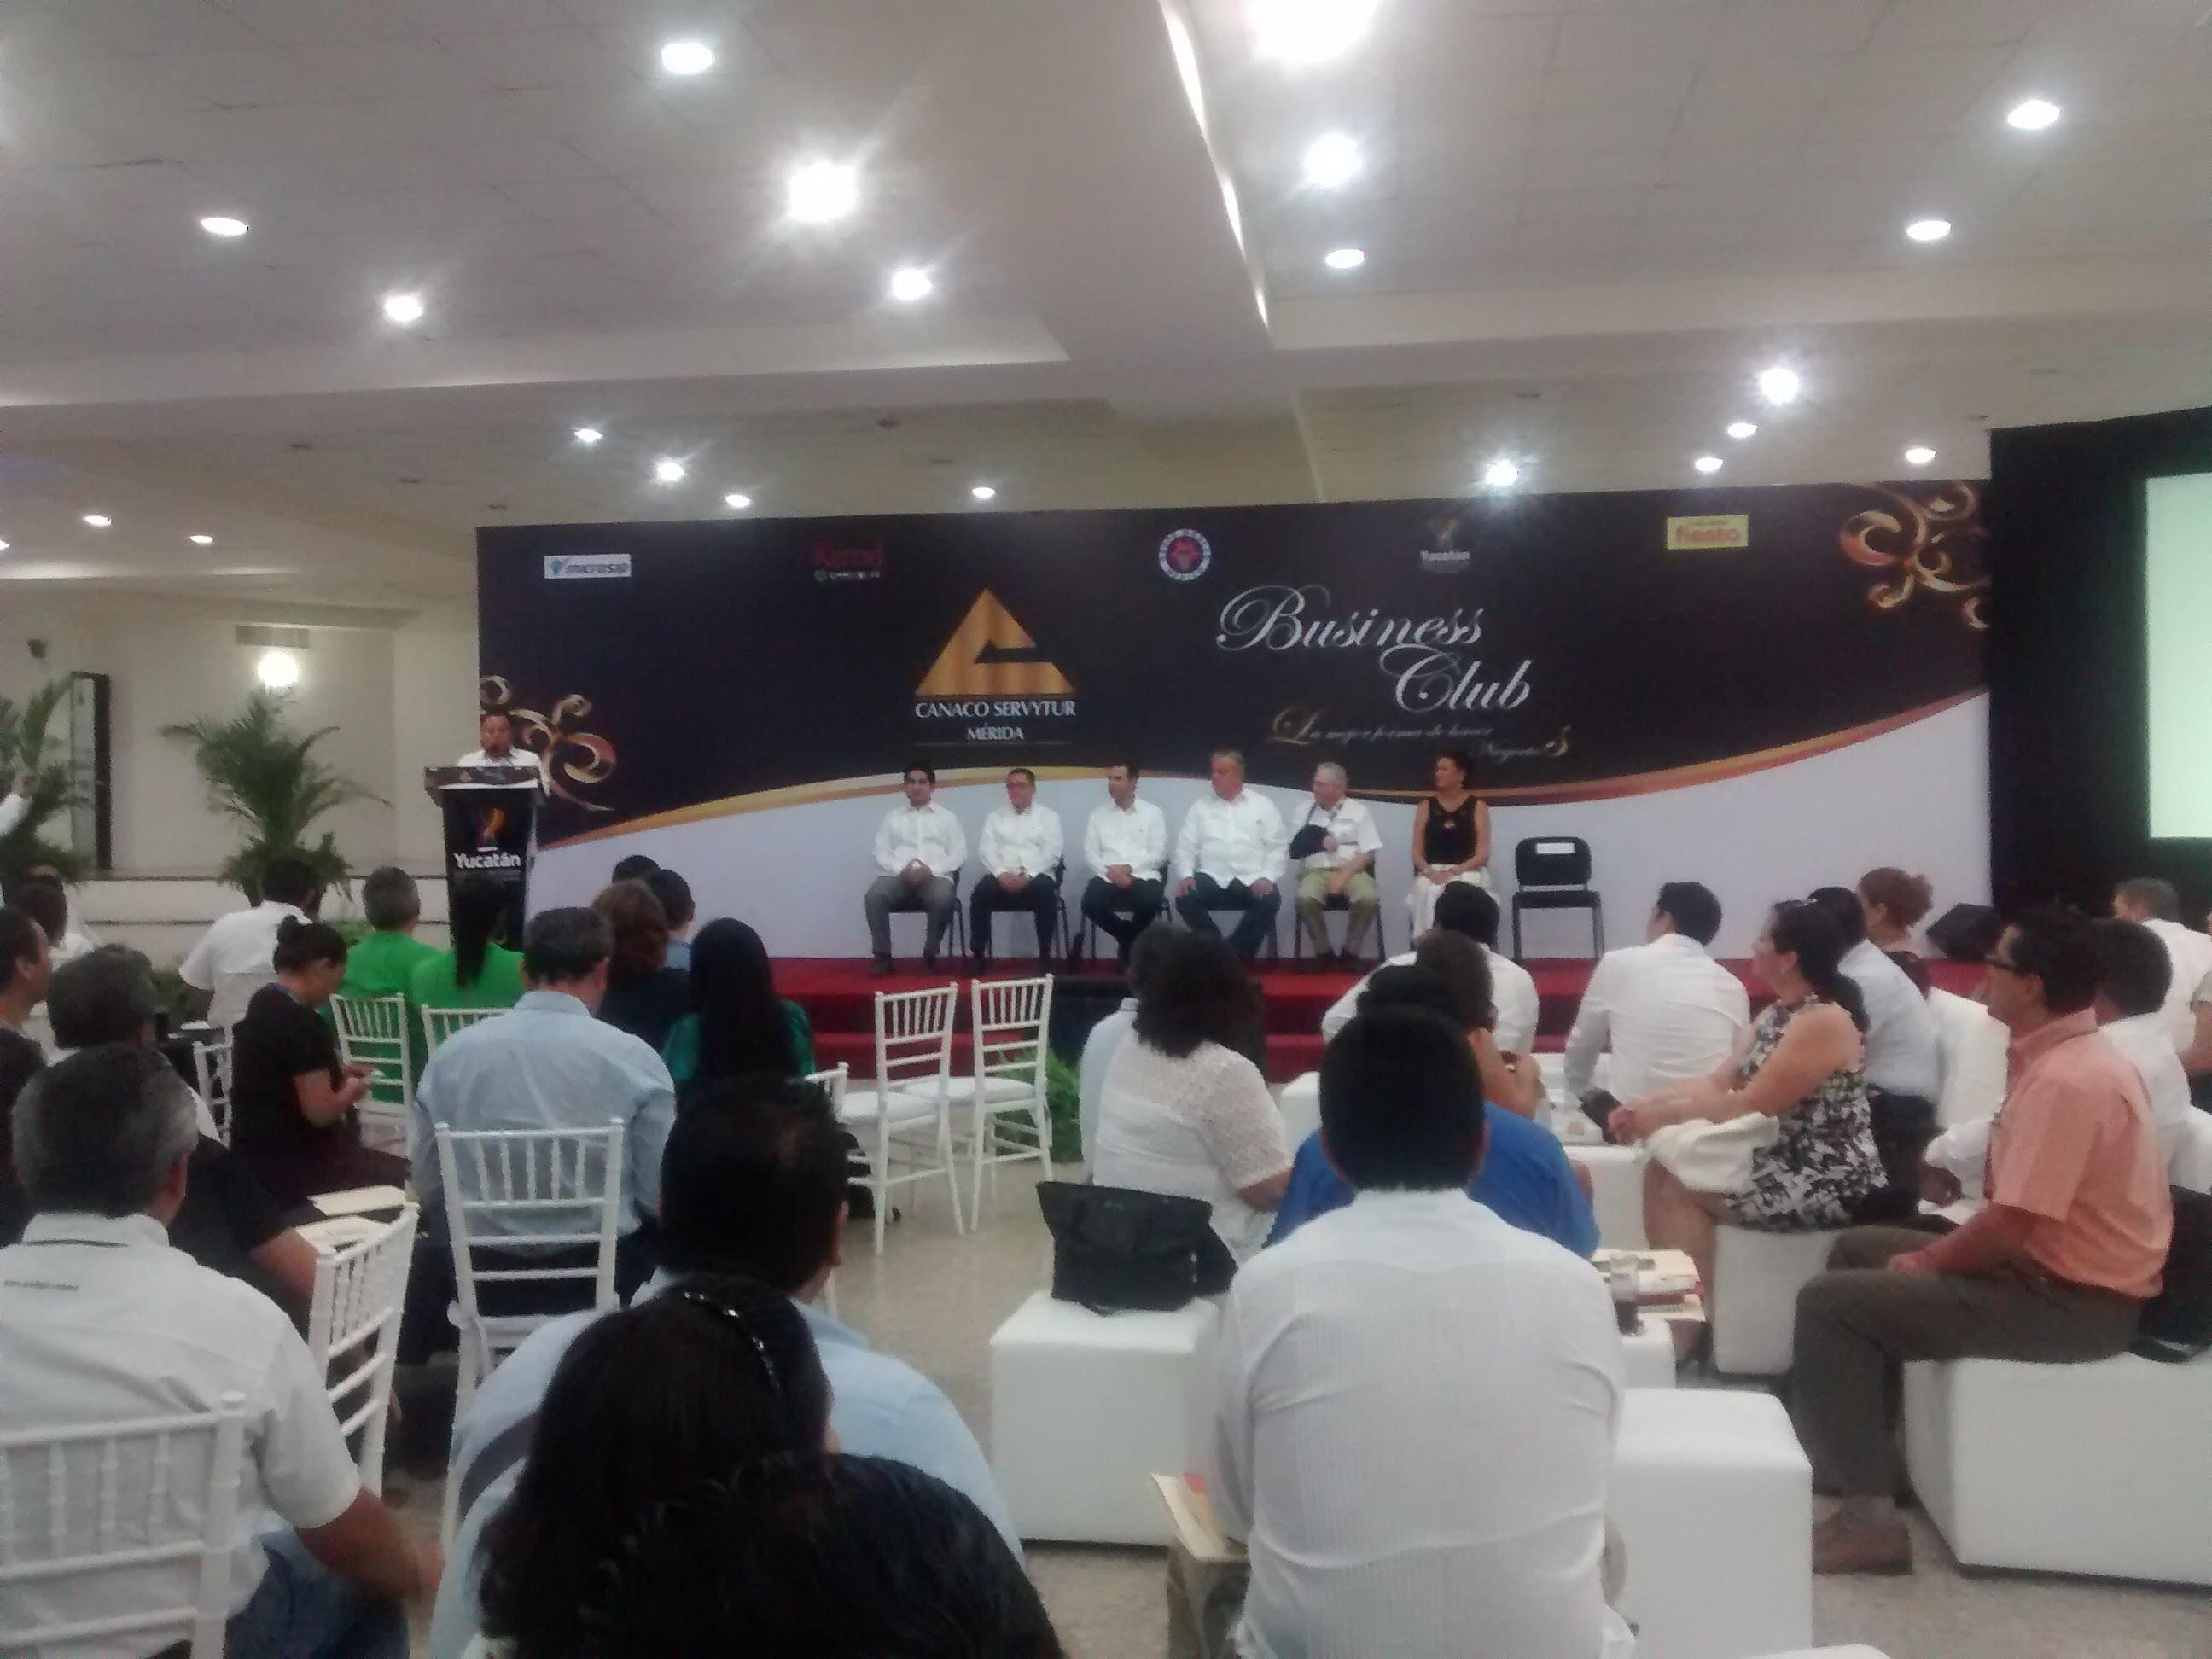 Acuerdan negocios en Canaco Mérida Business Club